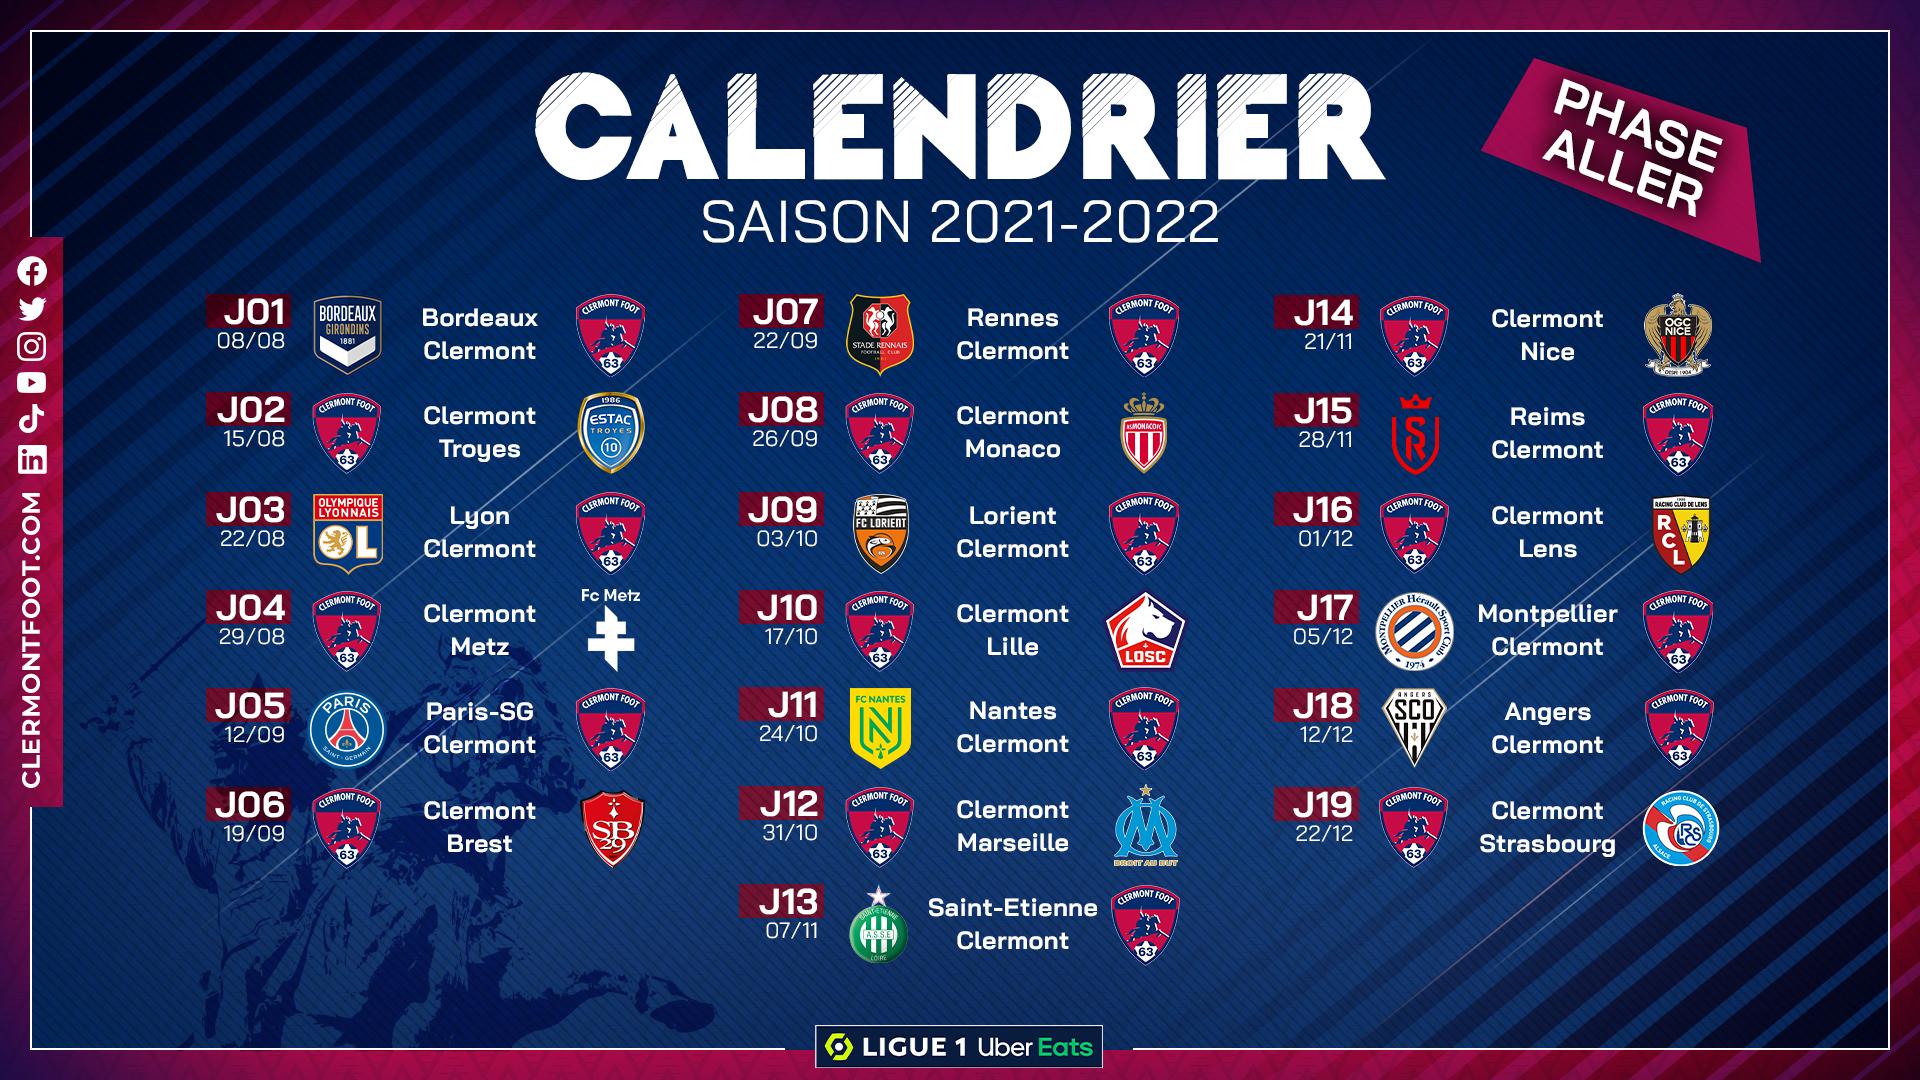 Calendrier Football 2022 Le calendrier de Ligue 1 2021/2022 dévoilé ! – Clermont Foot